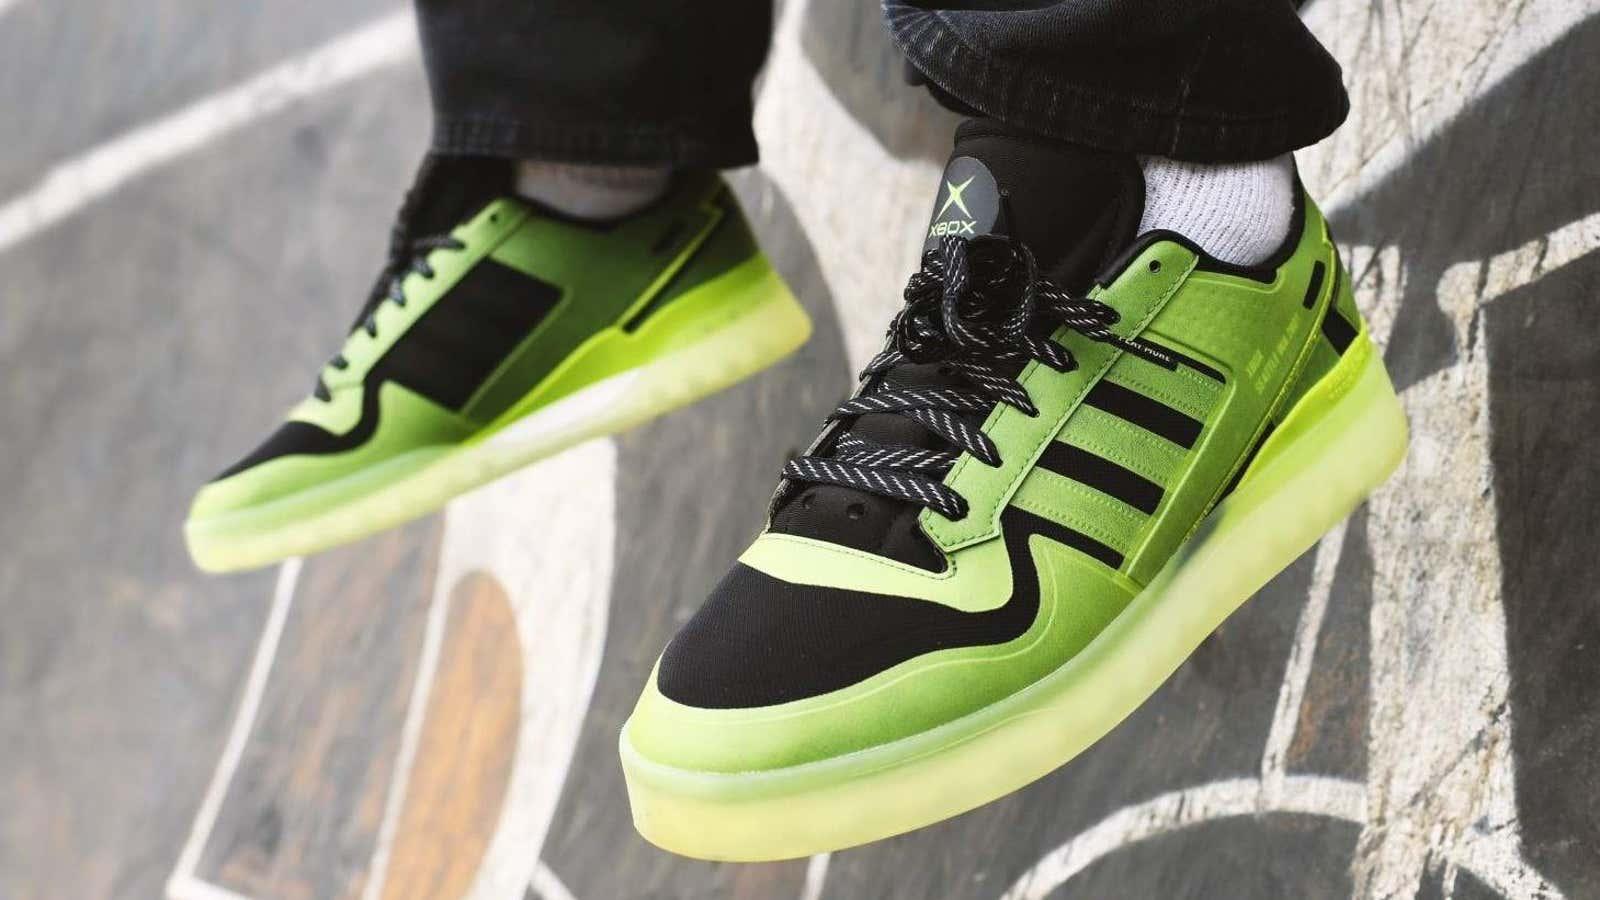 Xbox se asocia con Adidas para lanzar unas zapatillas de su vigésimo aniversario